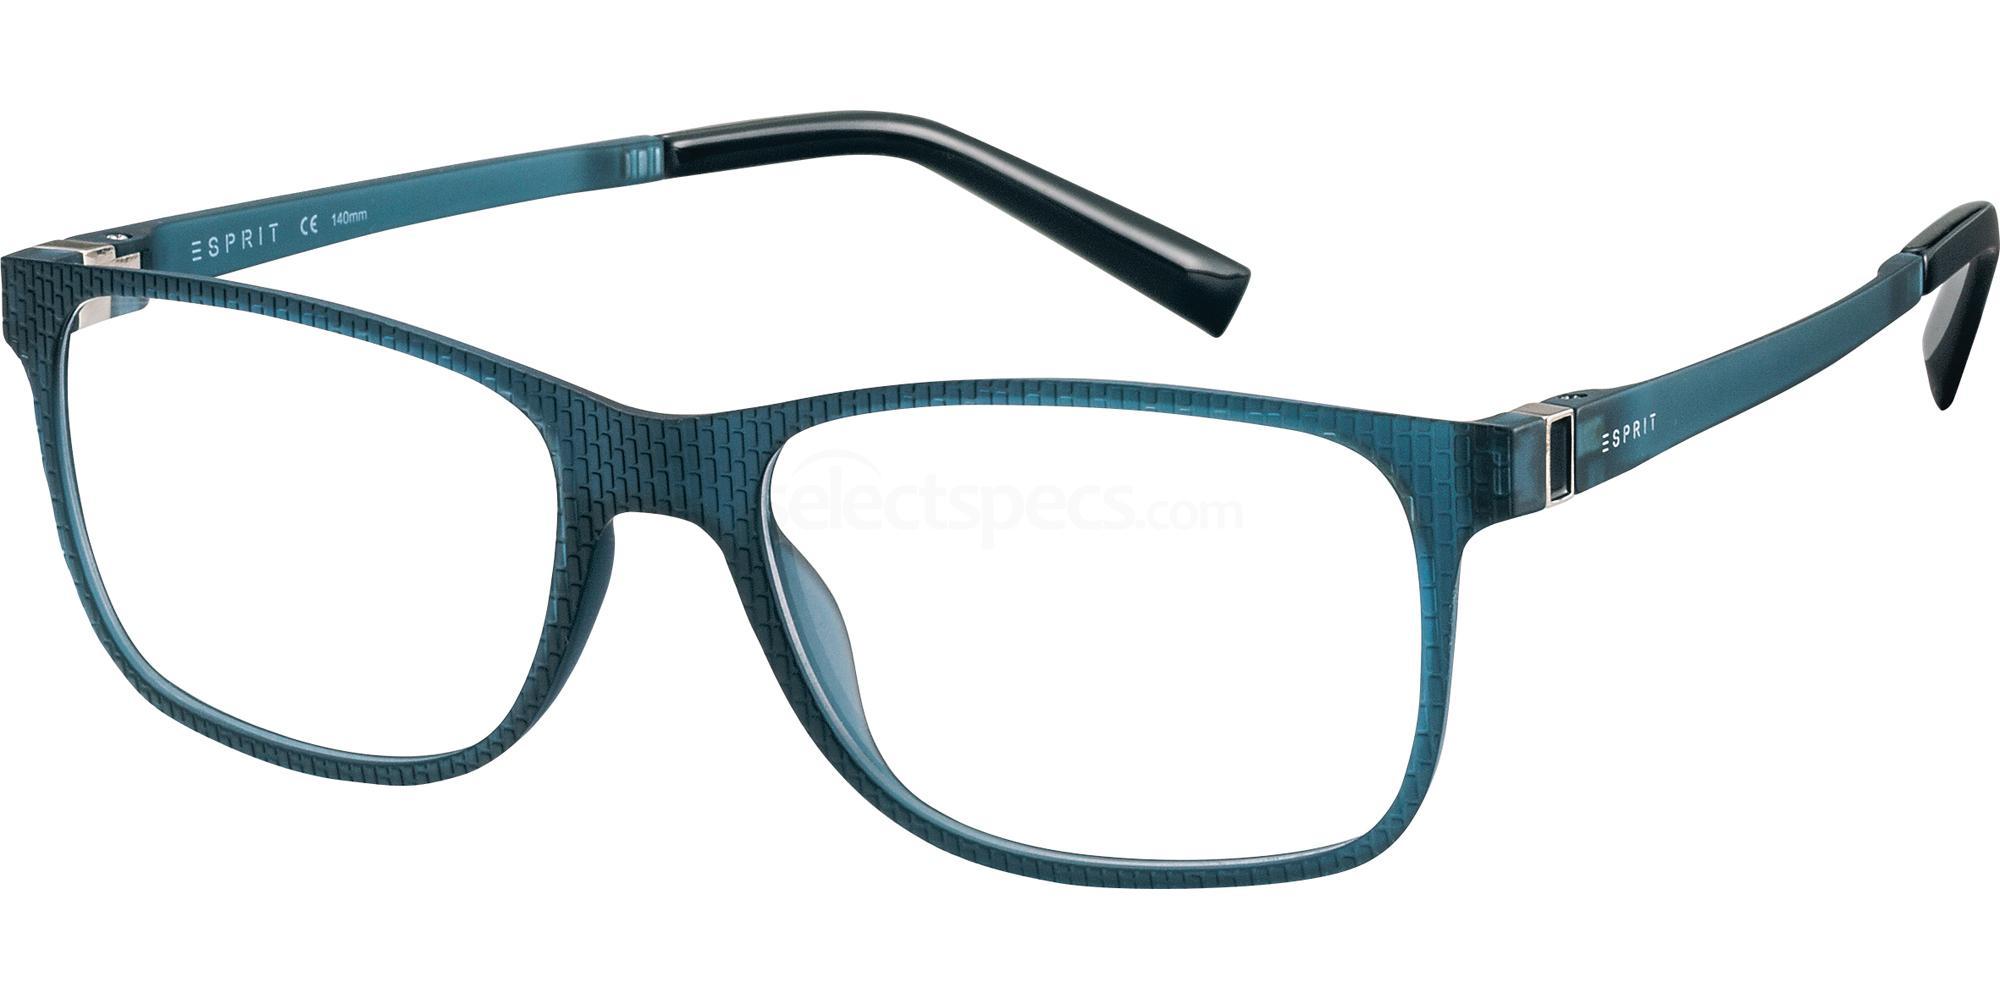 507 ET17513 Glasses, Esprit